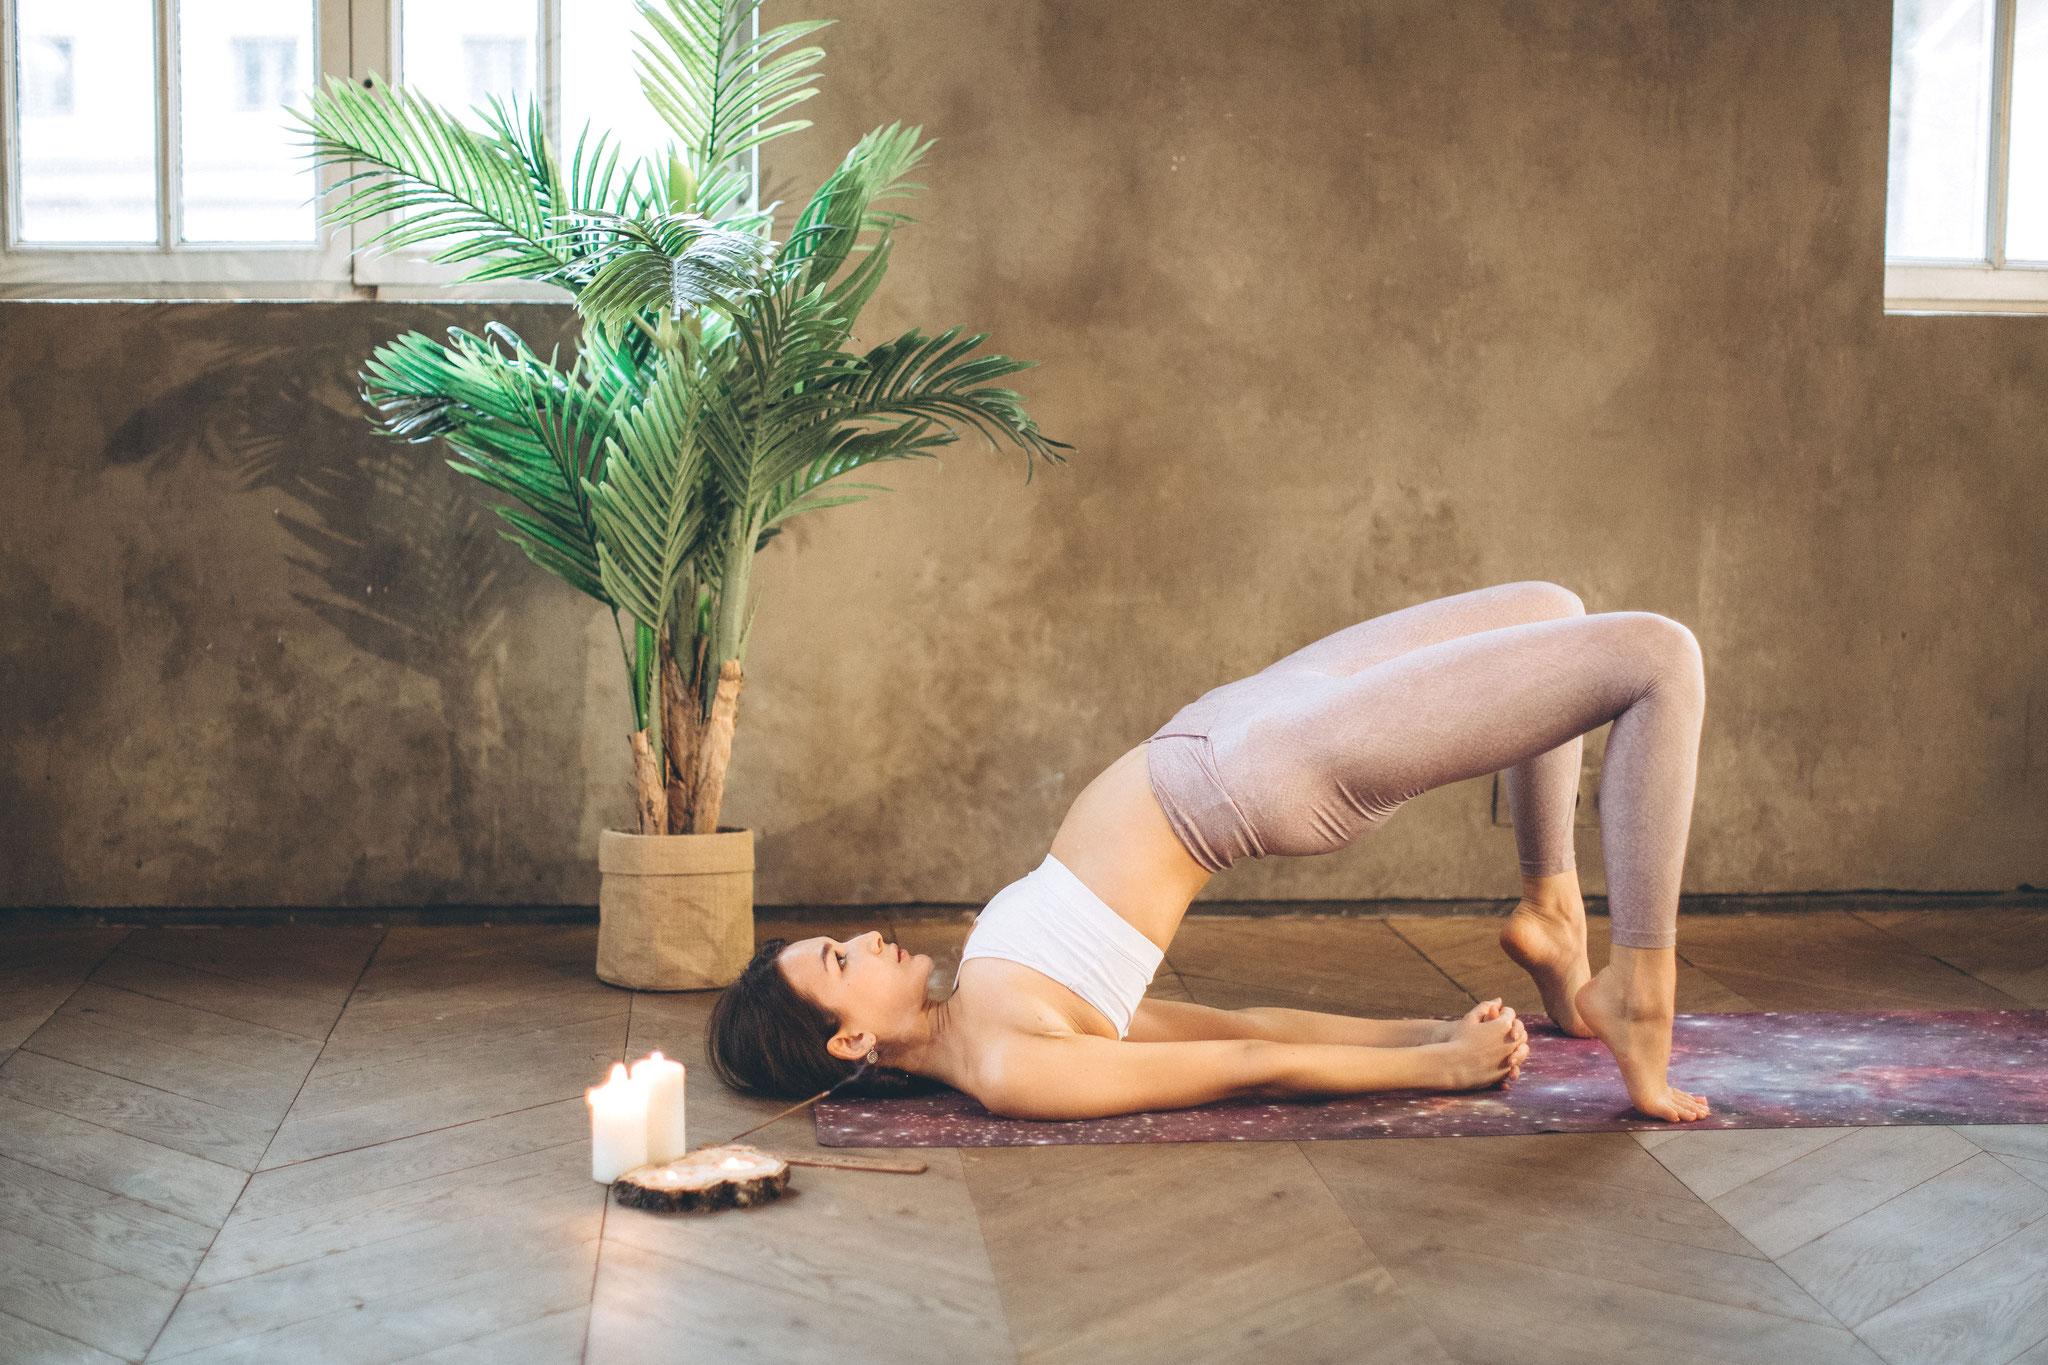 Mit gymnastischen Übungen wie zum Beispiel aus dem Yoga kommt Bewegung ins Spiel. Sie stärken die Fitness und kräftigen die Muskulatur. Außerdem verbessern sie dein Körpergefühl und pushen somit dein Selbstbewusstsein.